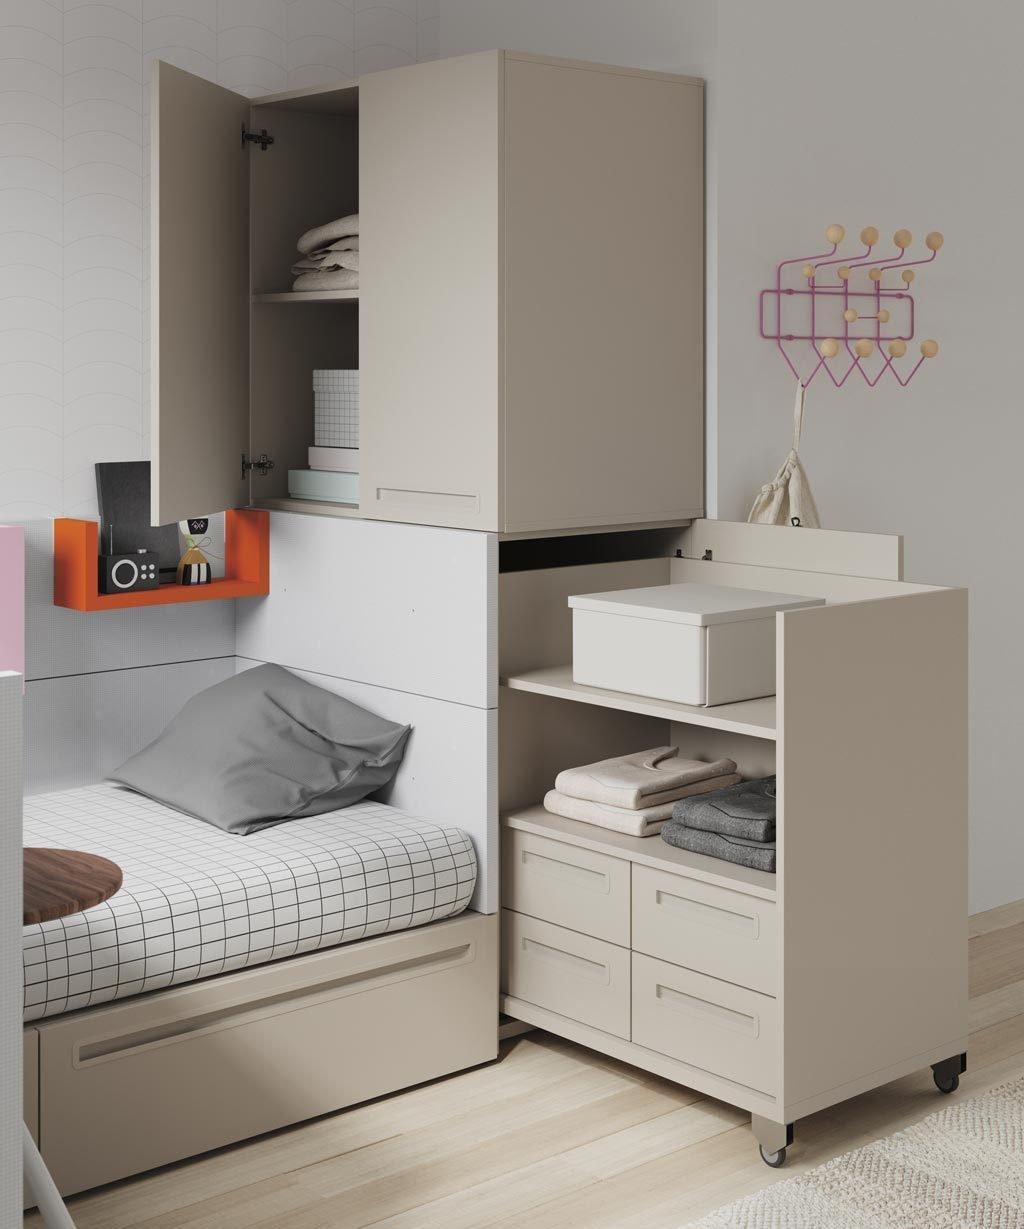 Este mueble extraíble con cajones y estantes es el complemento ideal para tu cama NEST